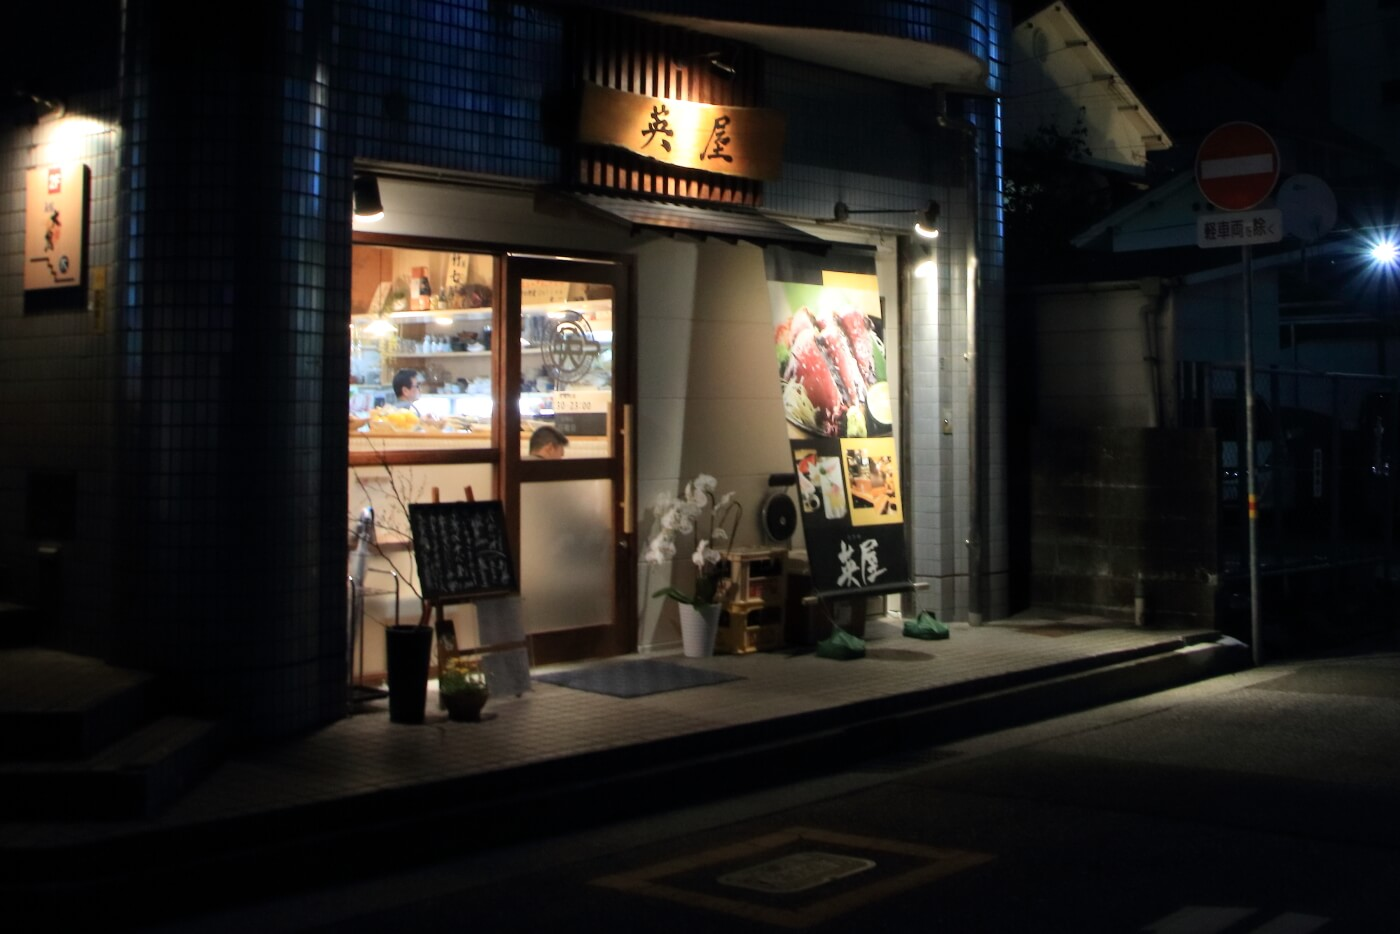 リニューアルオープンした高知市の居酒屋英屋の外観